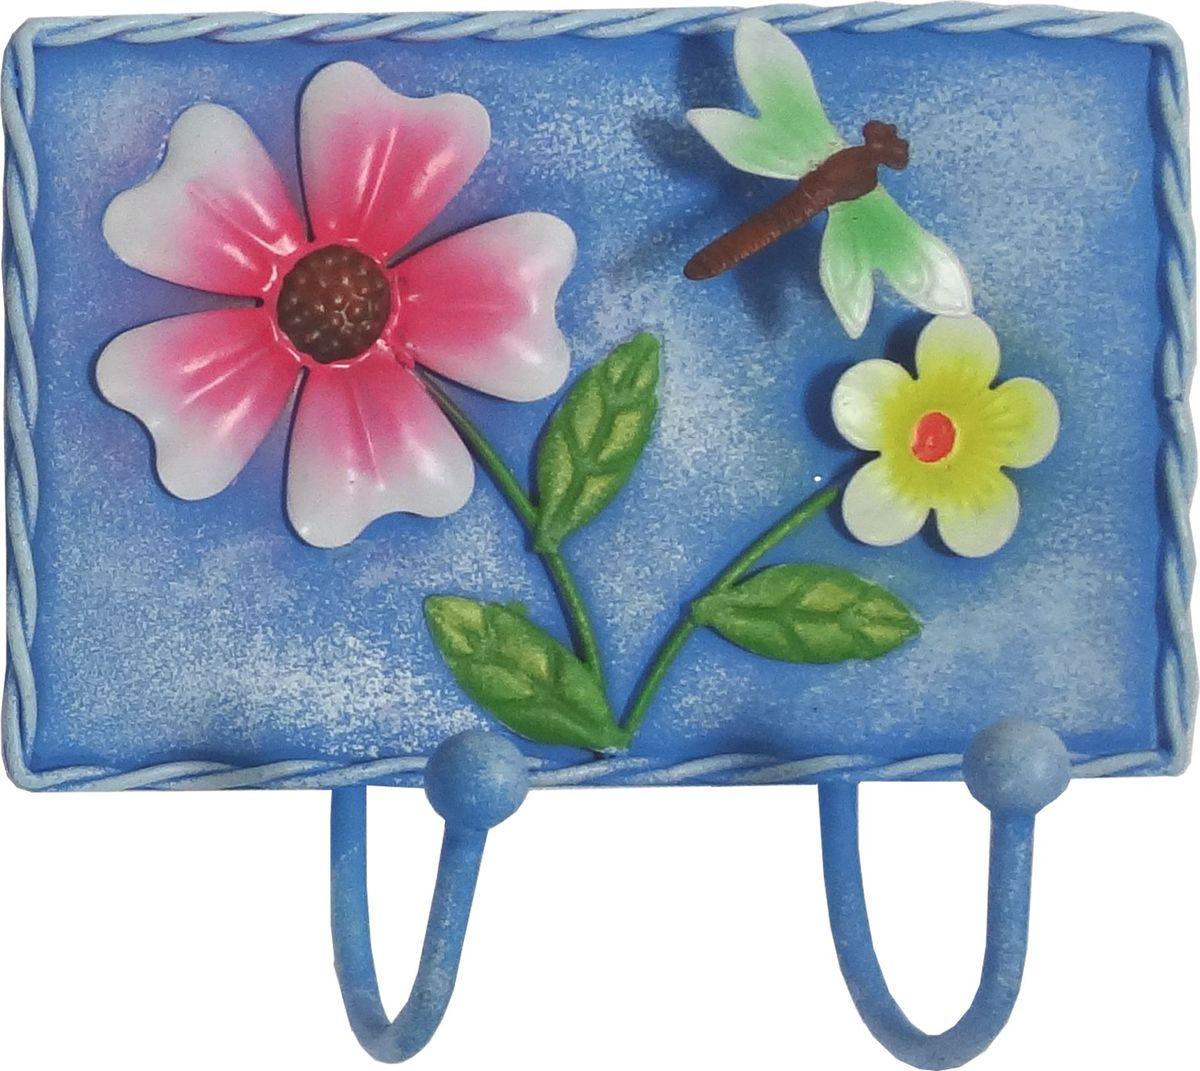 Вешалка-крючок Magic Home, двойной, цвет: синий. 4388543885Настенная вешалка Magic Home имеет 2 крючка. Крючки настенные изготовлены из жести и оформлены красочным изображением.Это изделие больше, чем просто крючки, это оригинальное интерьерное решение, которое задает настроение и стиль. Изделие не боится повседневной эксплуатации и будет служить долго.Размер: 13,8 х 12,5 см.